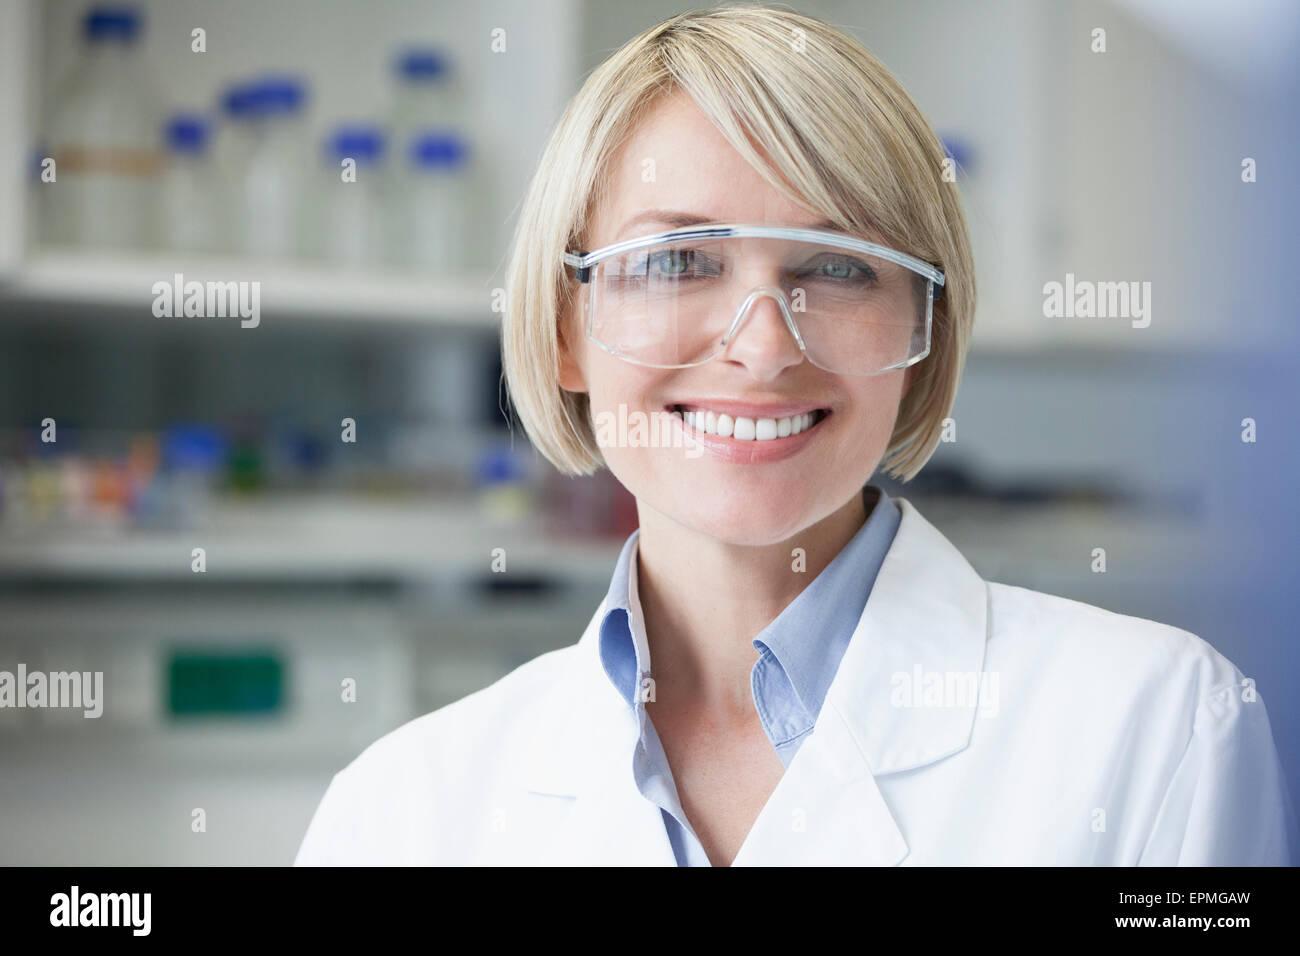 Retrato del científico en el laboratorio sonriente Imagen De Stock